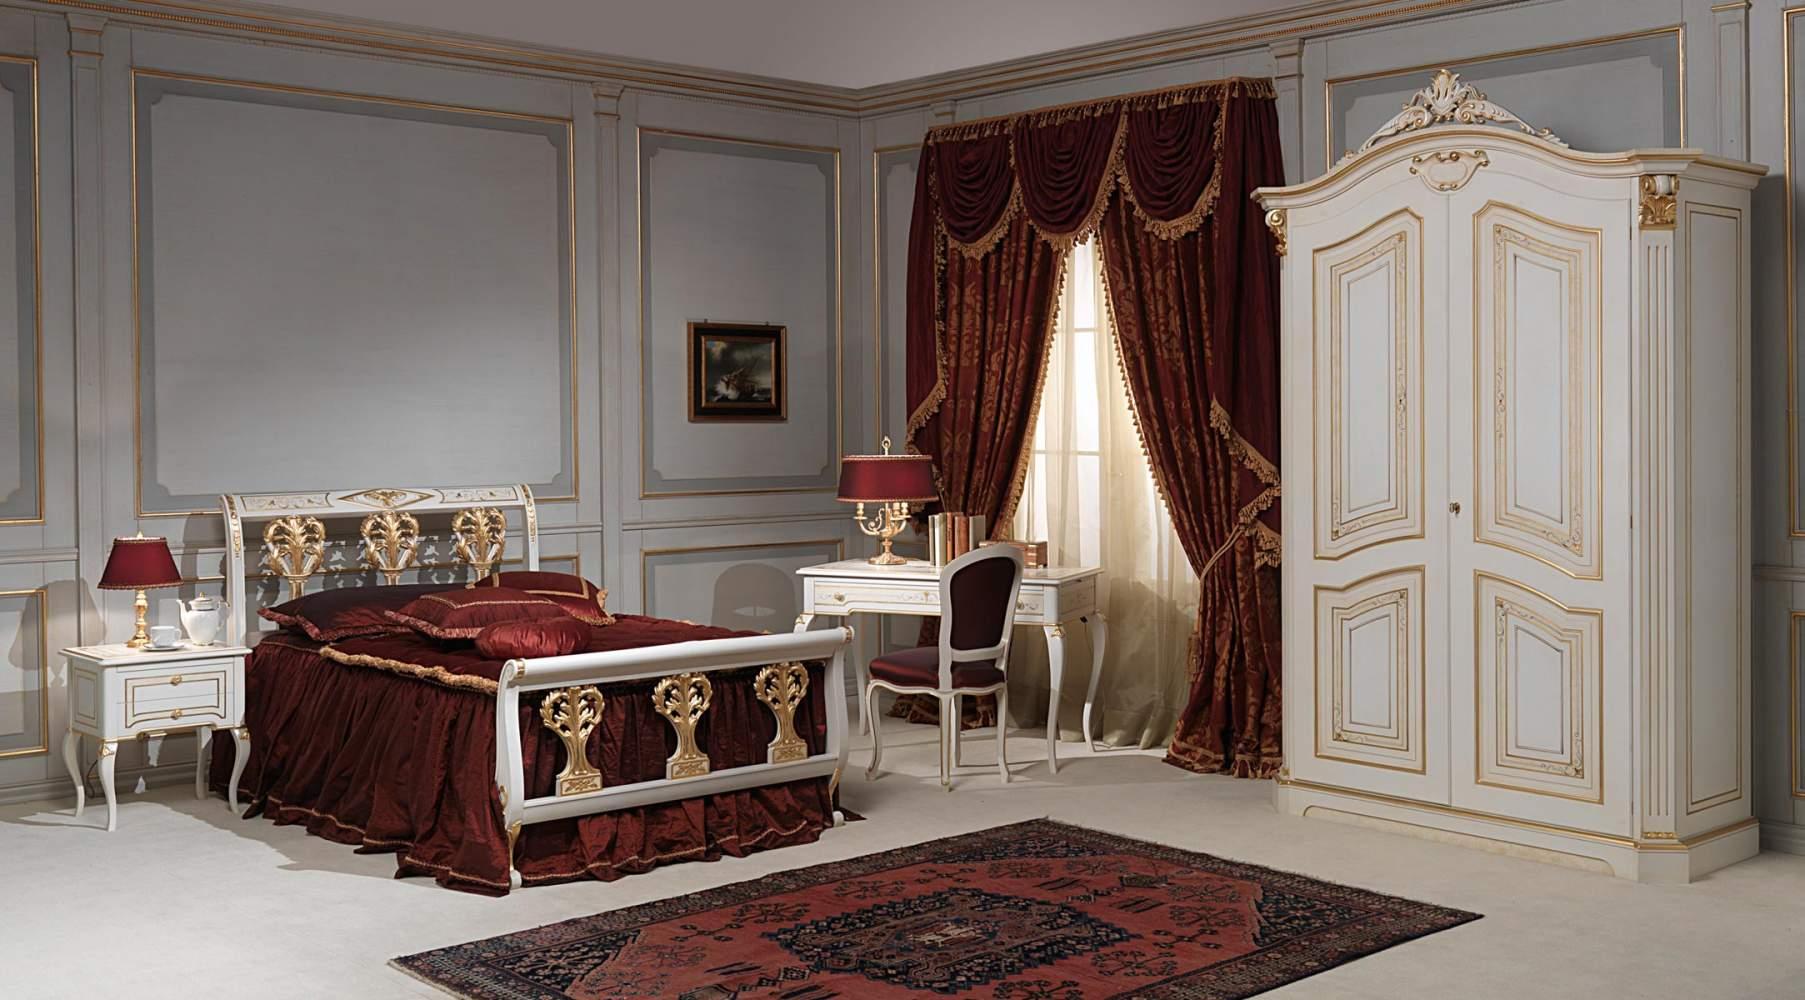 Camera 39 700 francese rubens vimercati meda - Camera da letto in francese ...